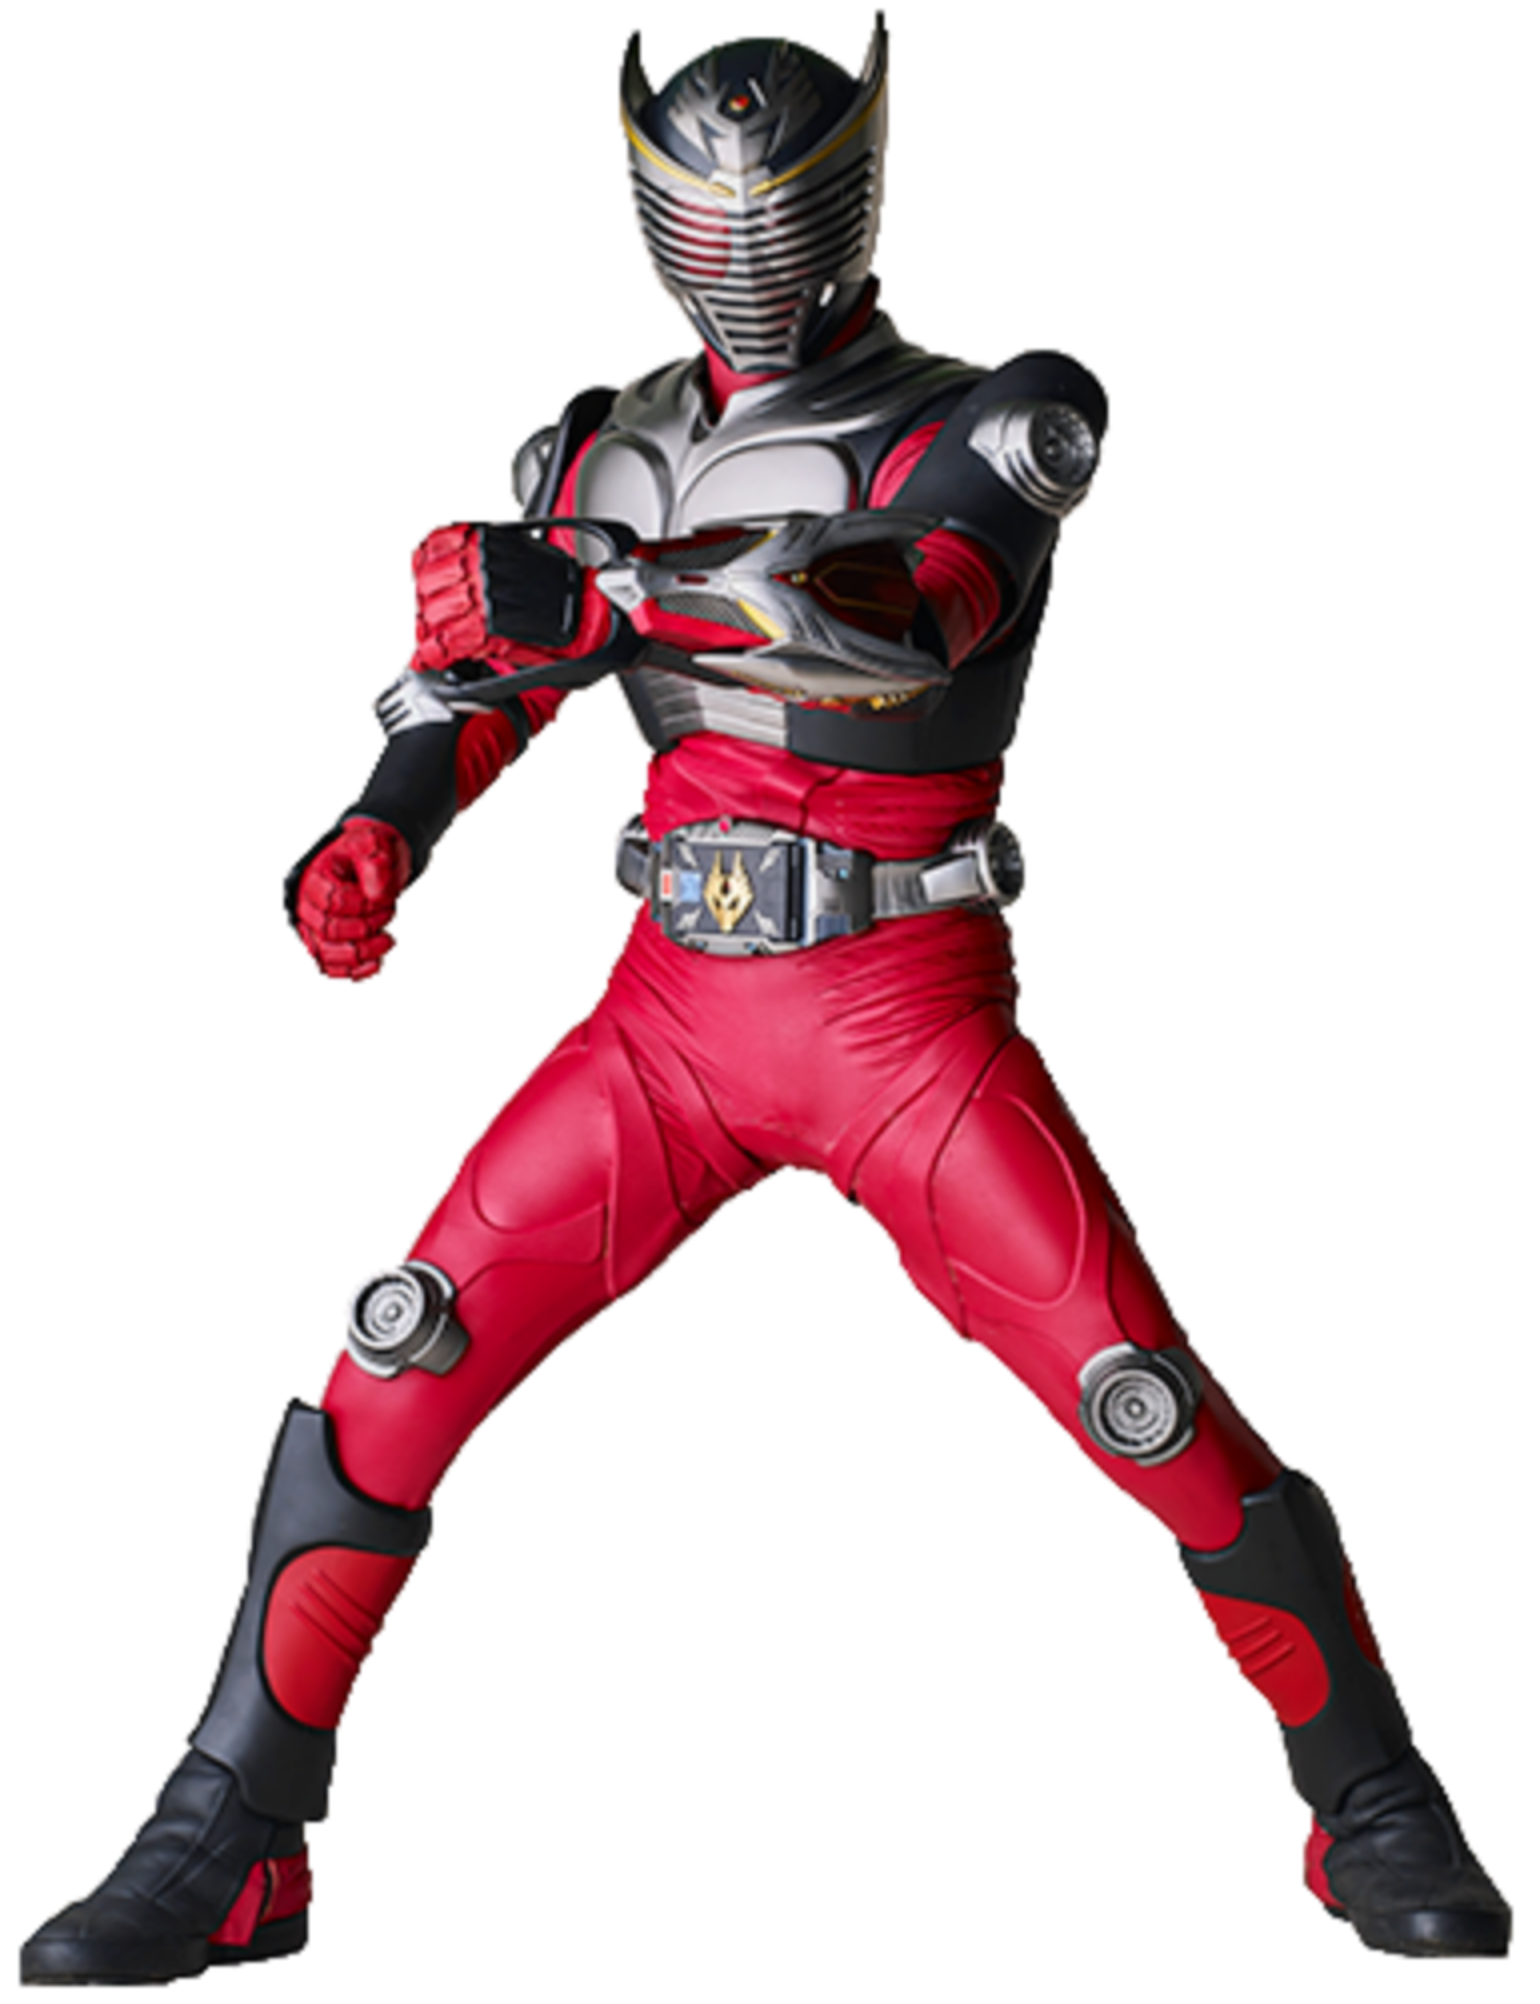 Kamen Rider Ryuki by PrasBlacker on DeviantArt